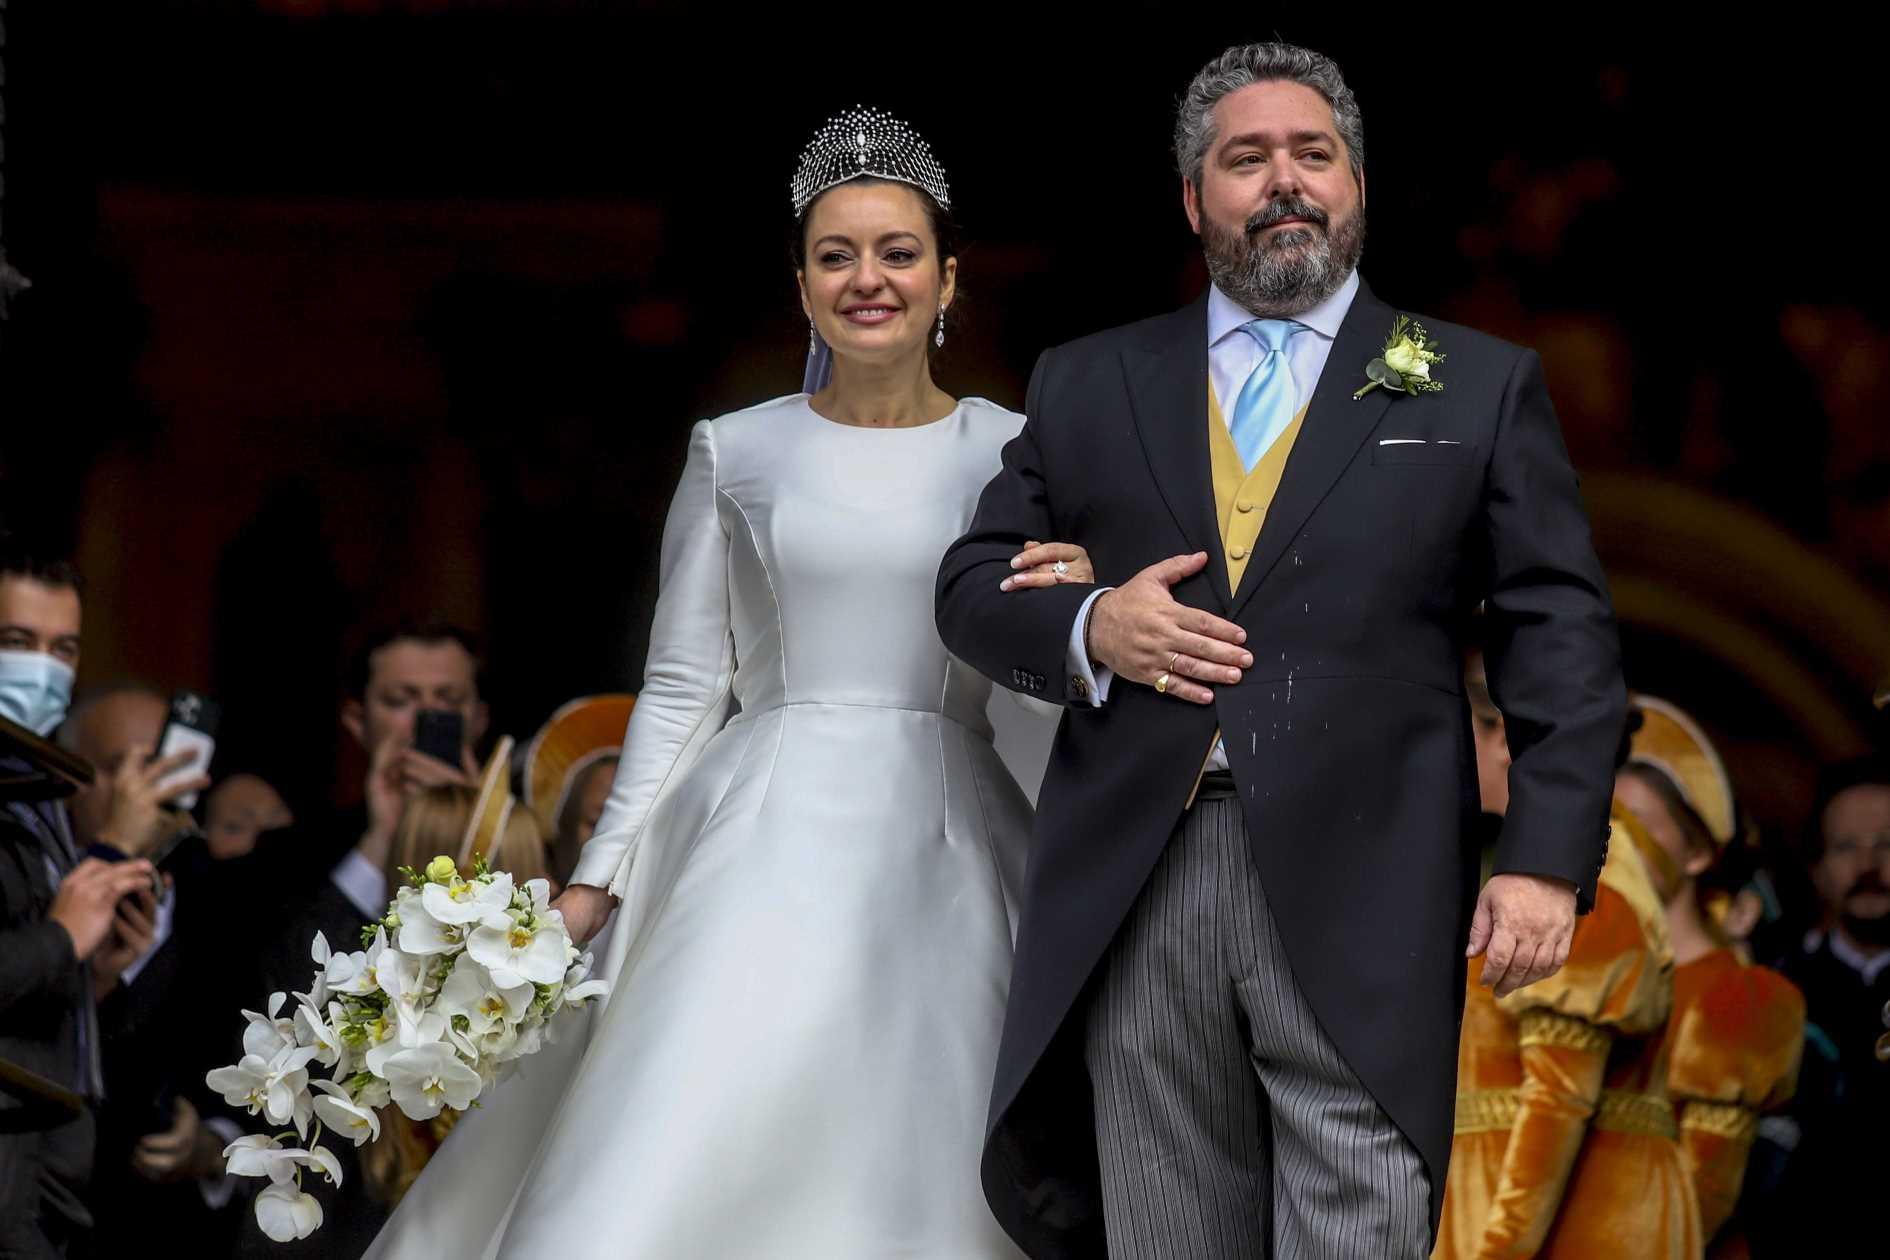 La boda real entre el duque Jorge de Rusia y Rebecca Bettarini